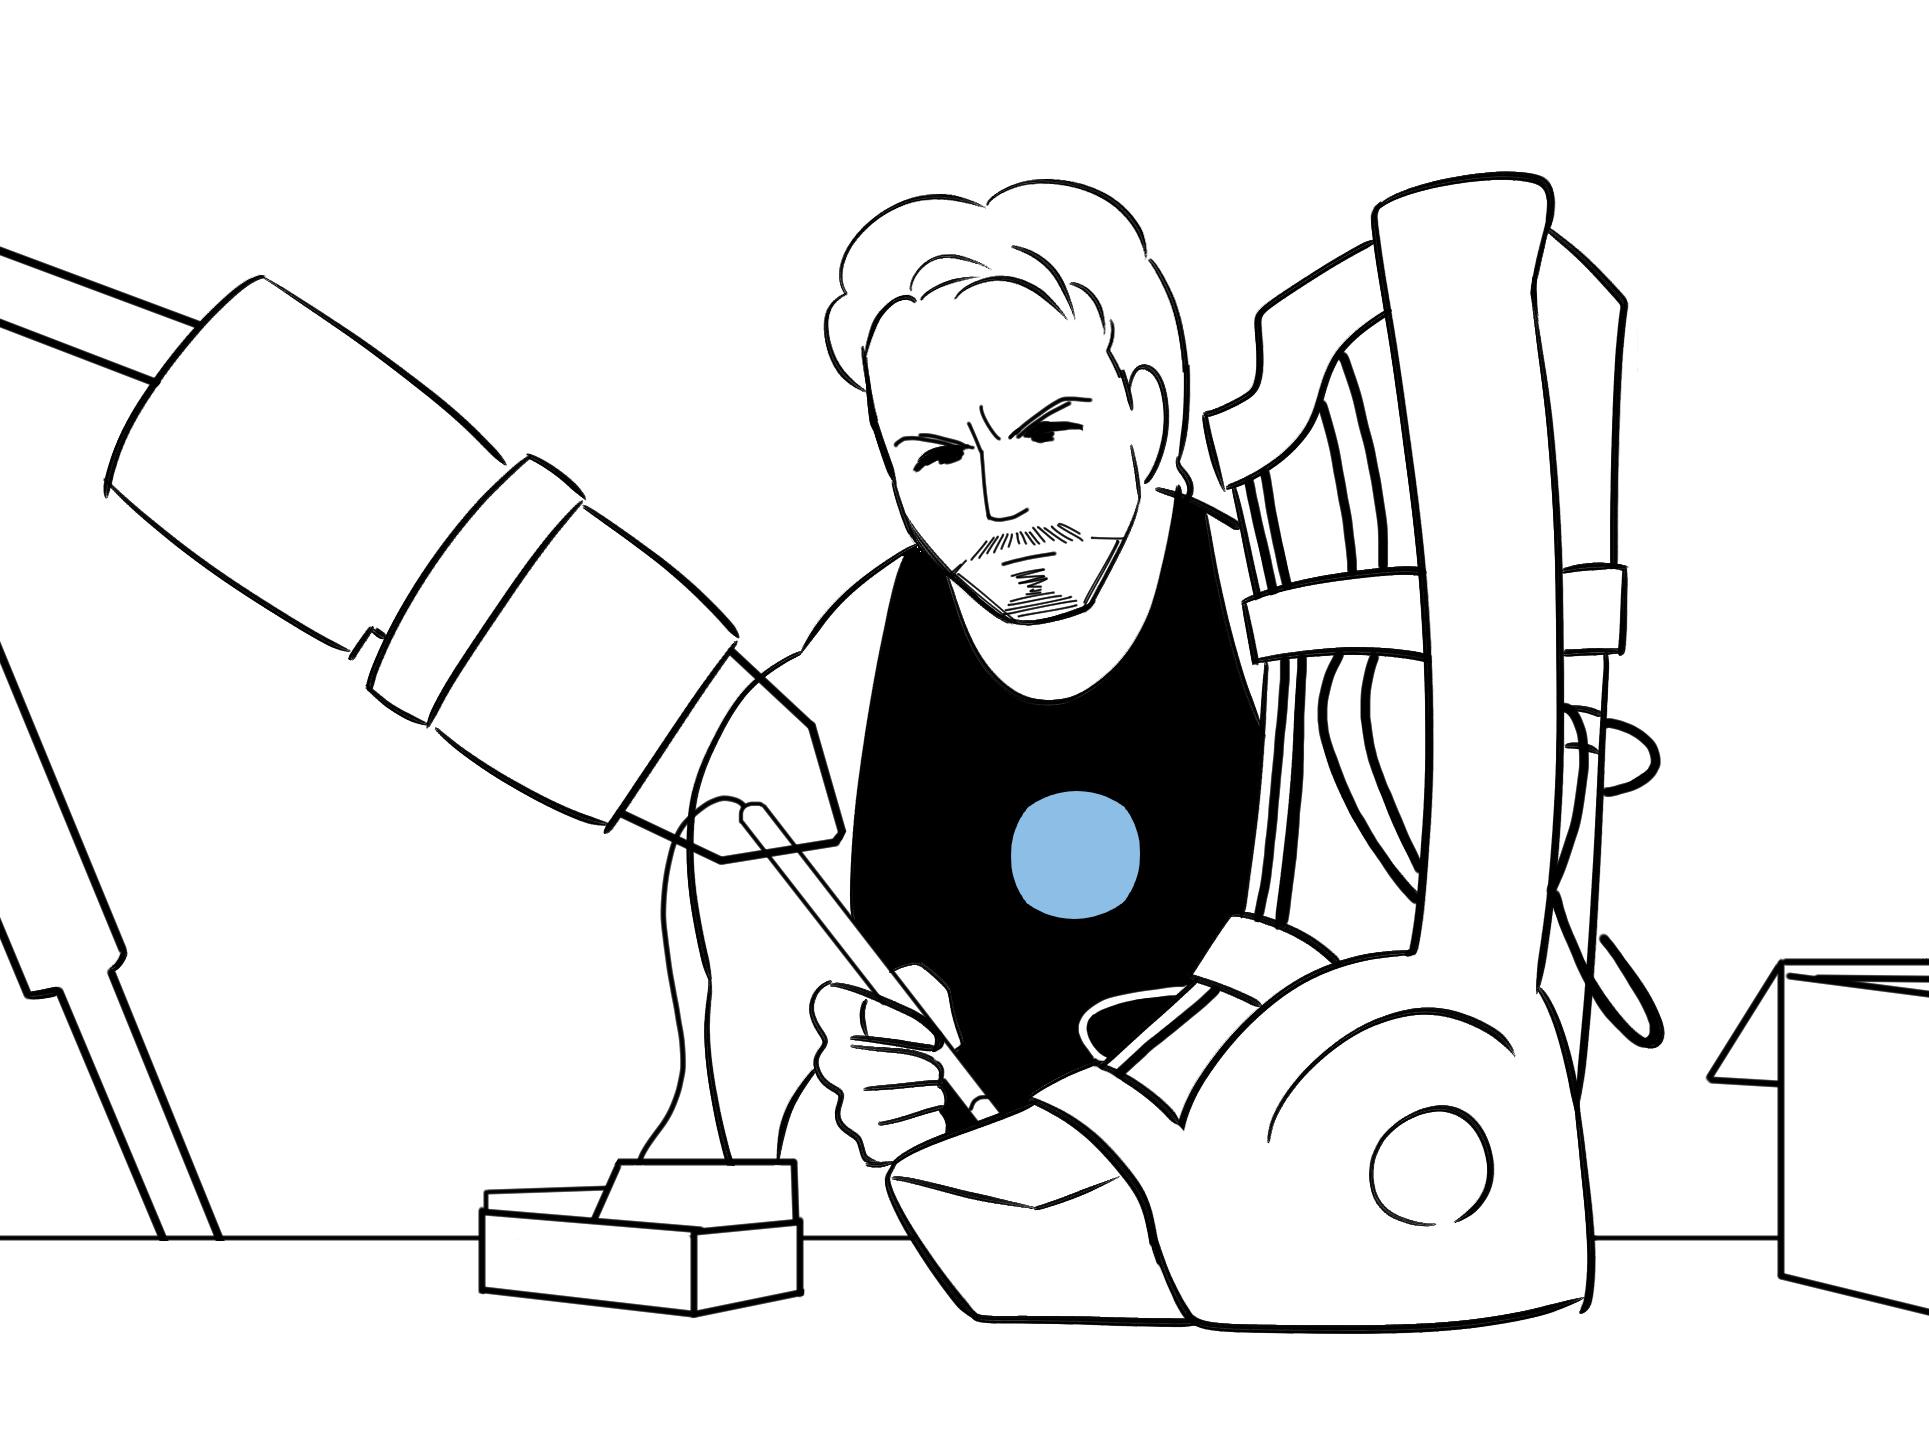 北日本新聞様発行【まんまる】映画イラスト(アイアンマン)を描きました!